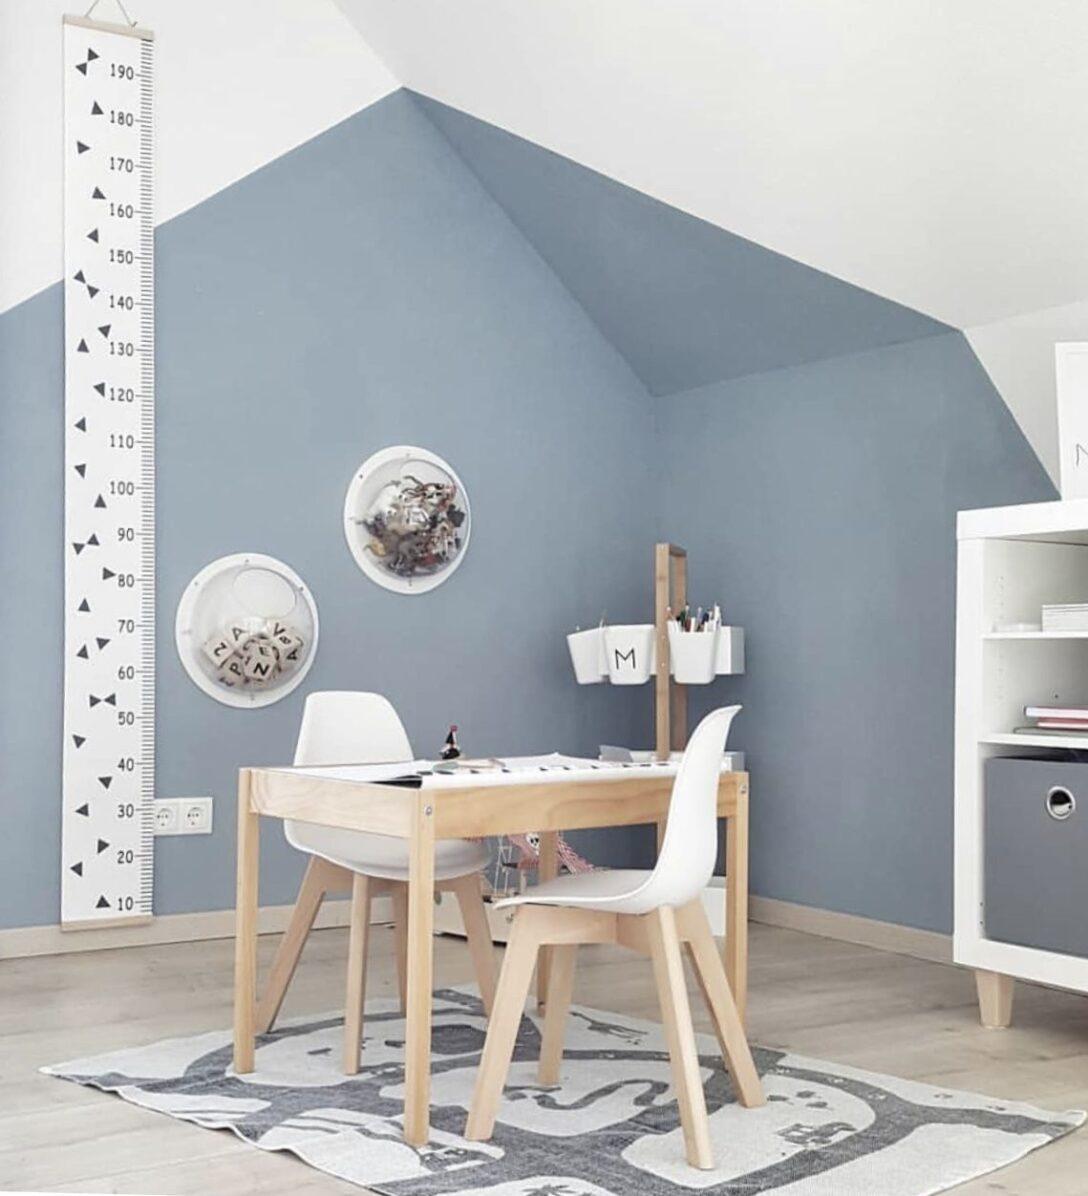 Large Size of Pin Von Nina Geiger Auf Kinderzimmer In 2020 Babyzimmer Sofa Regal Regale Weiß Wohnzimmer Wandgestaltung Kinderzimmer Jungen